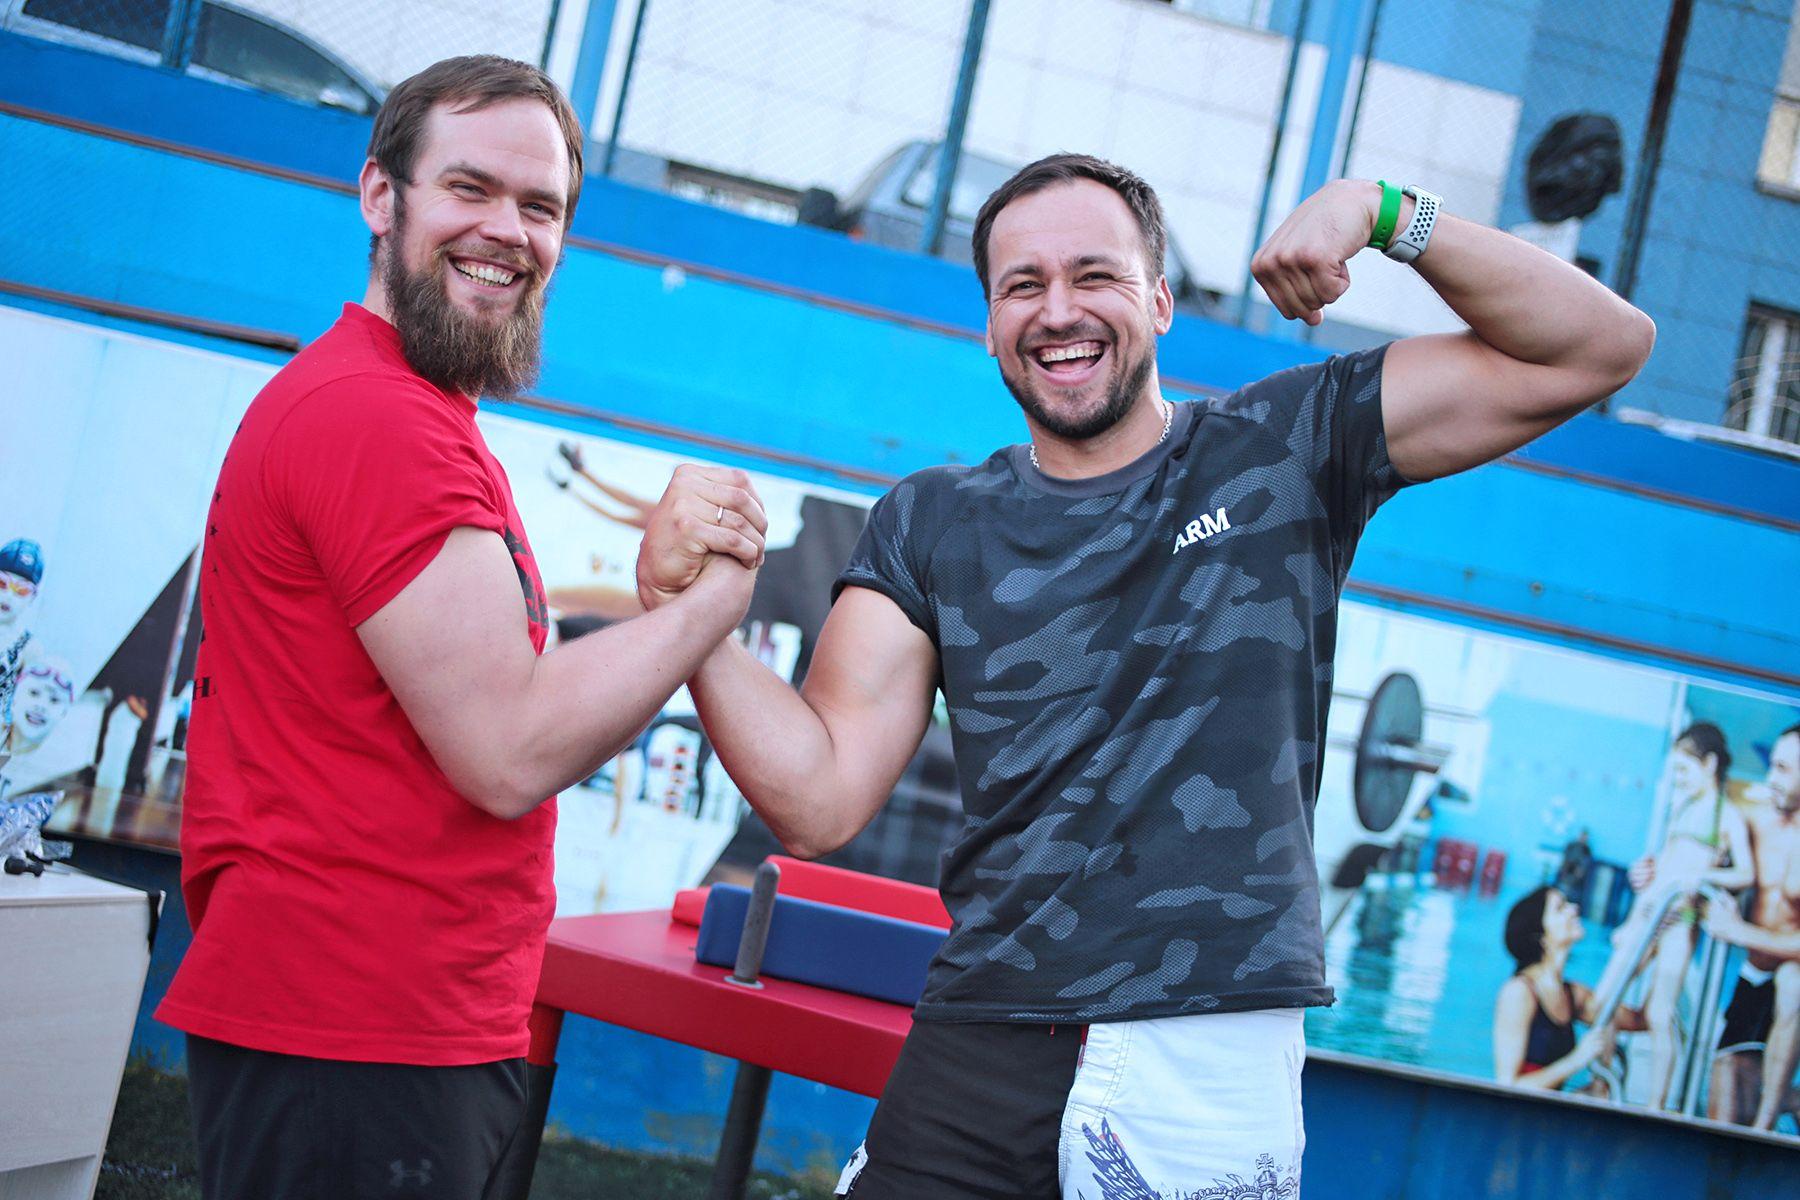 Фестиваль фитнеса «Старт Чемпионов» ВГУЭС собрал спортивные семьи Владивостока